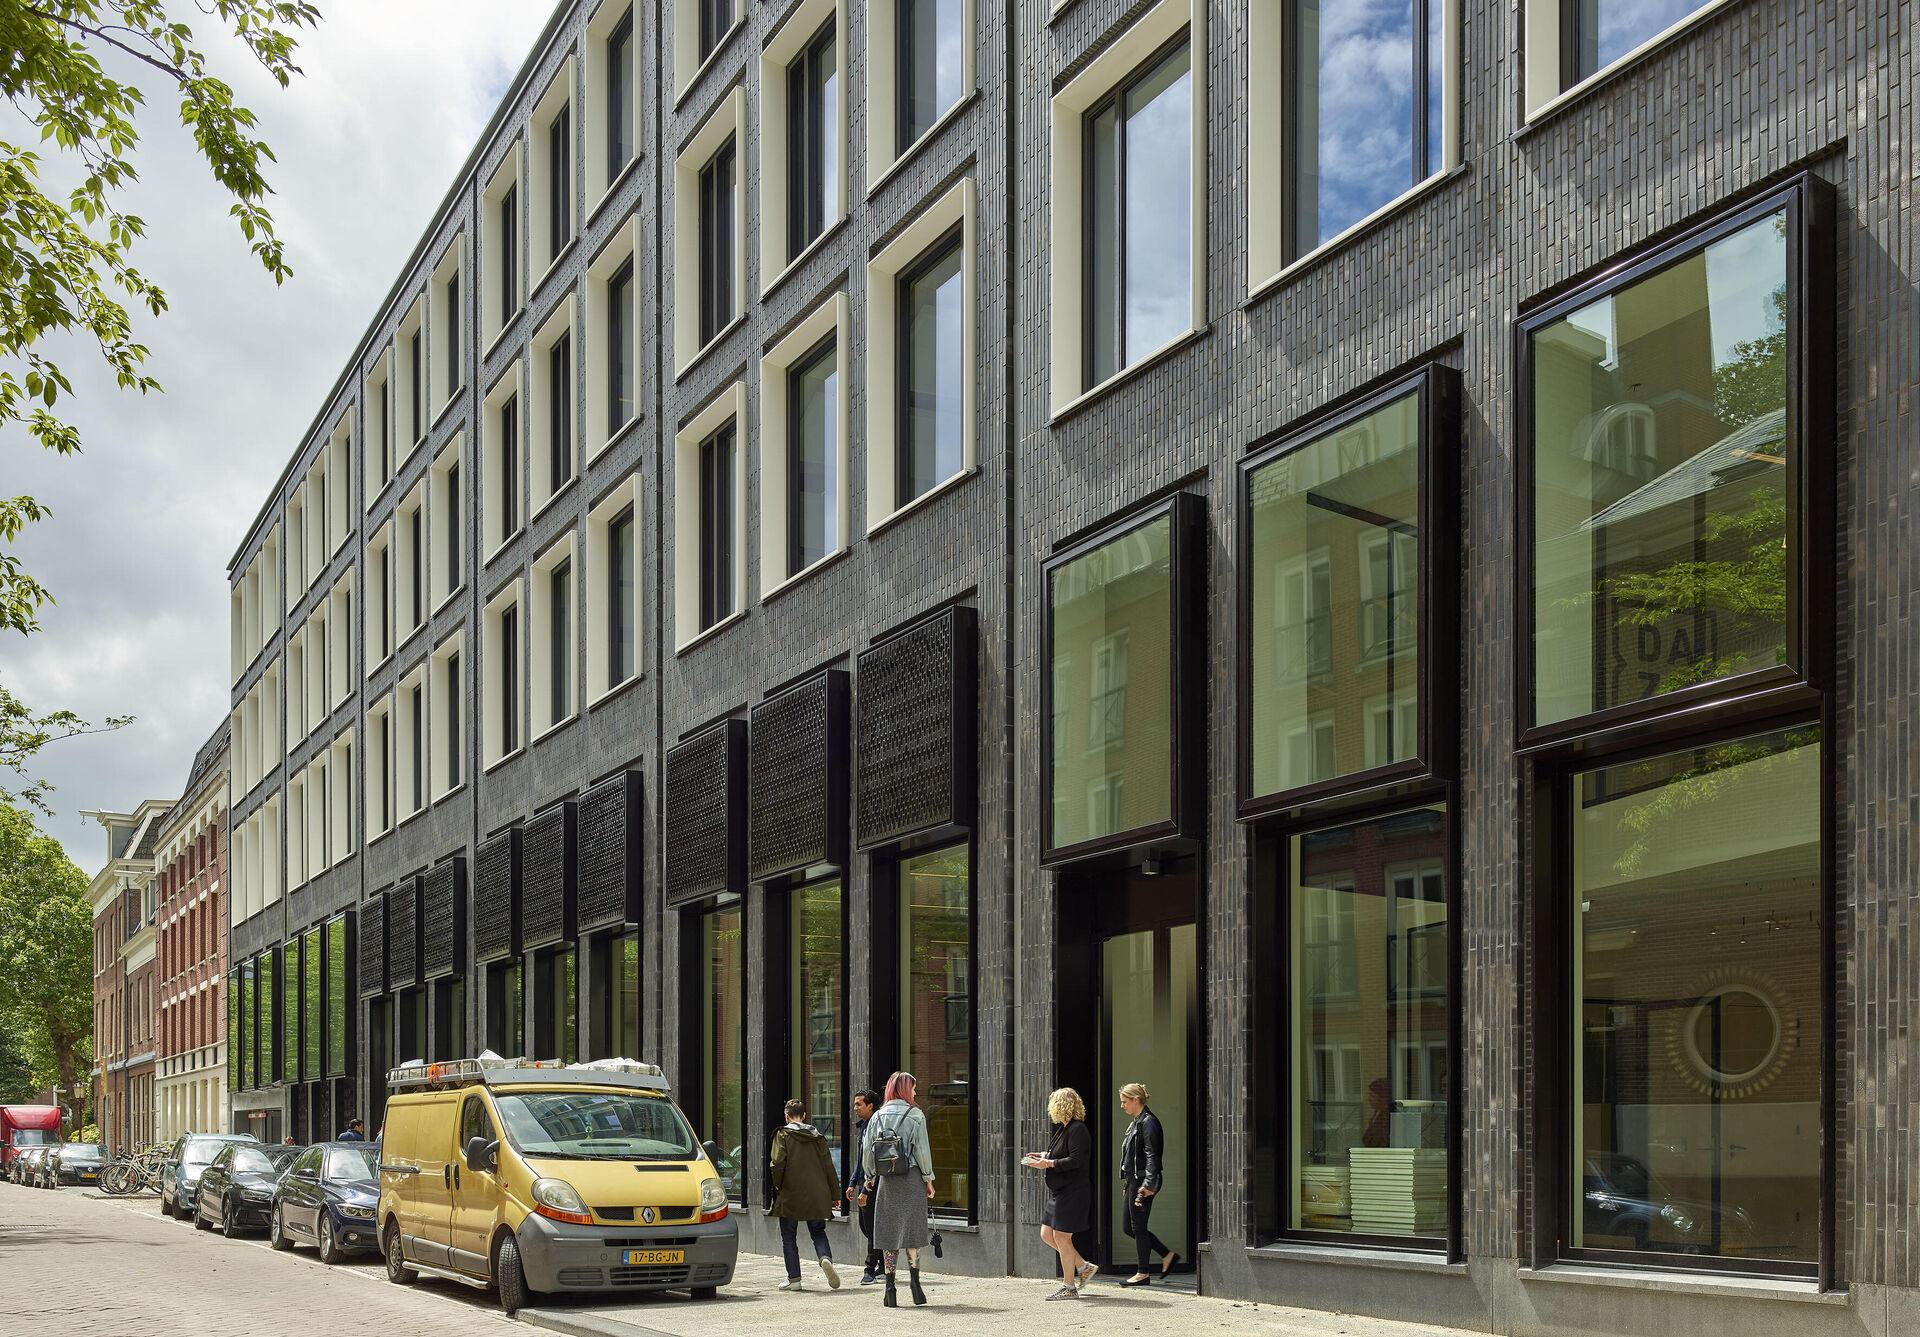 Kantoor Huidekoper Amsterdam opgeleverd